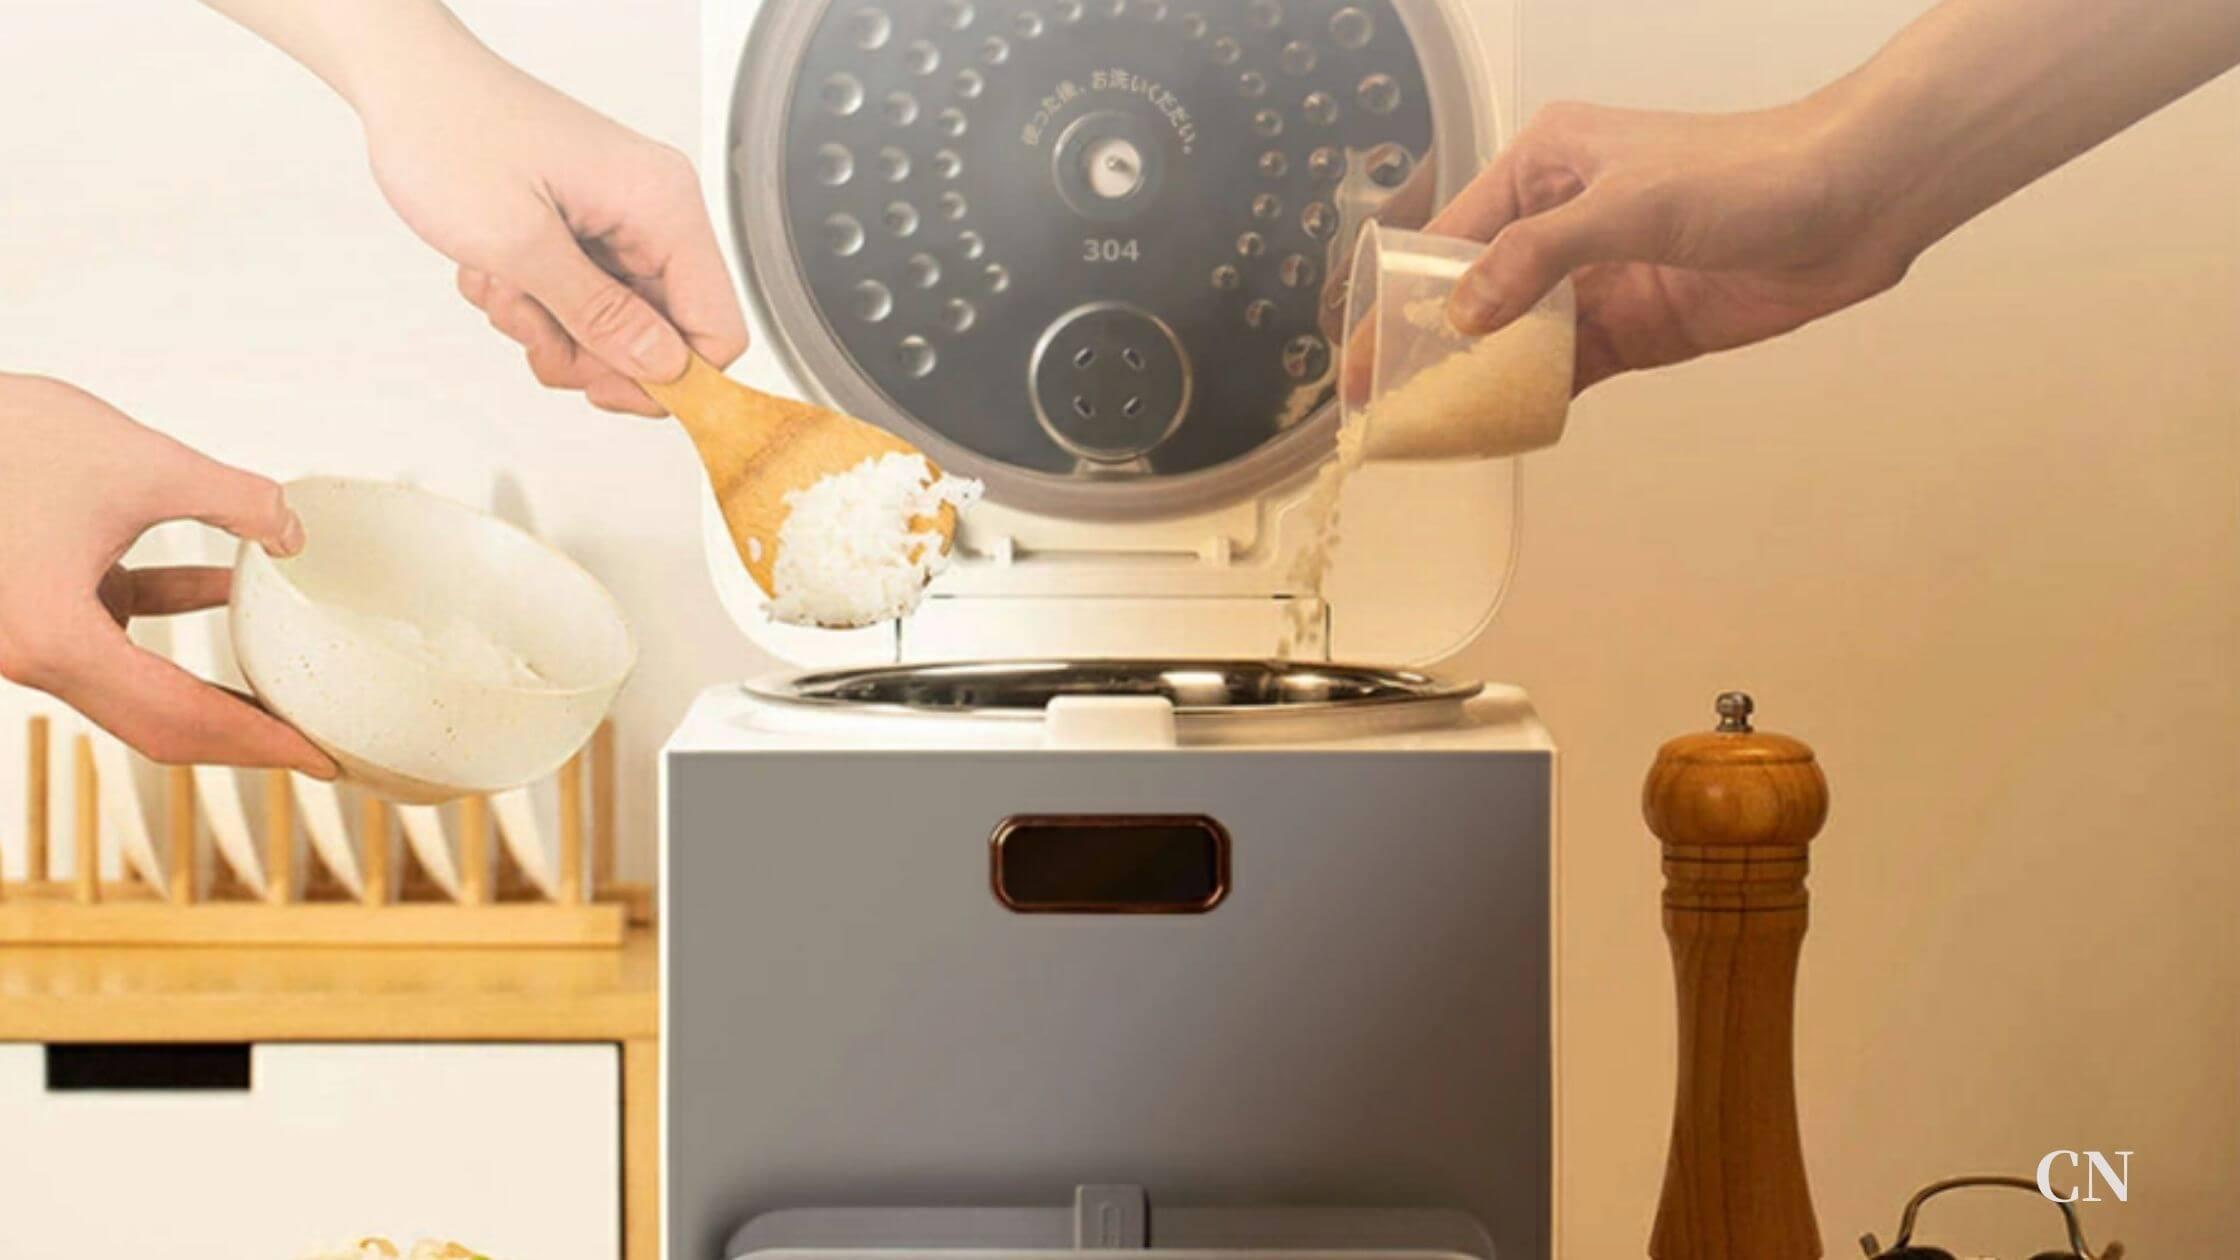 【口コミ】糖質カット炊飯器はまずい?人気3選をランキング形式で紹介